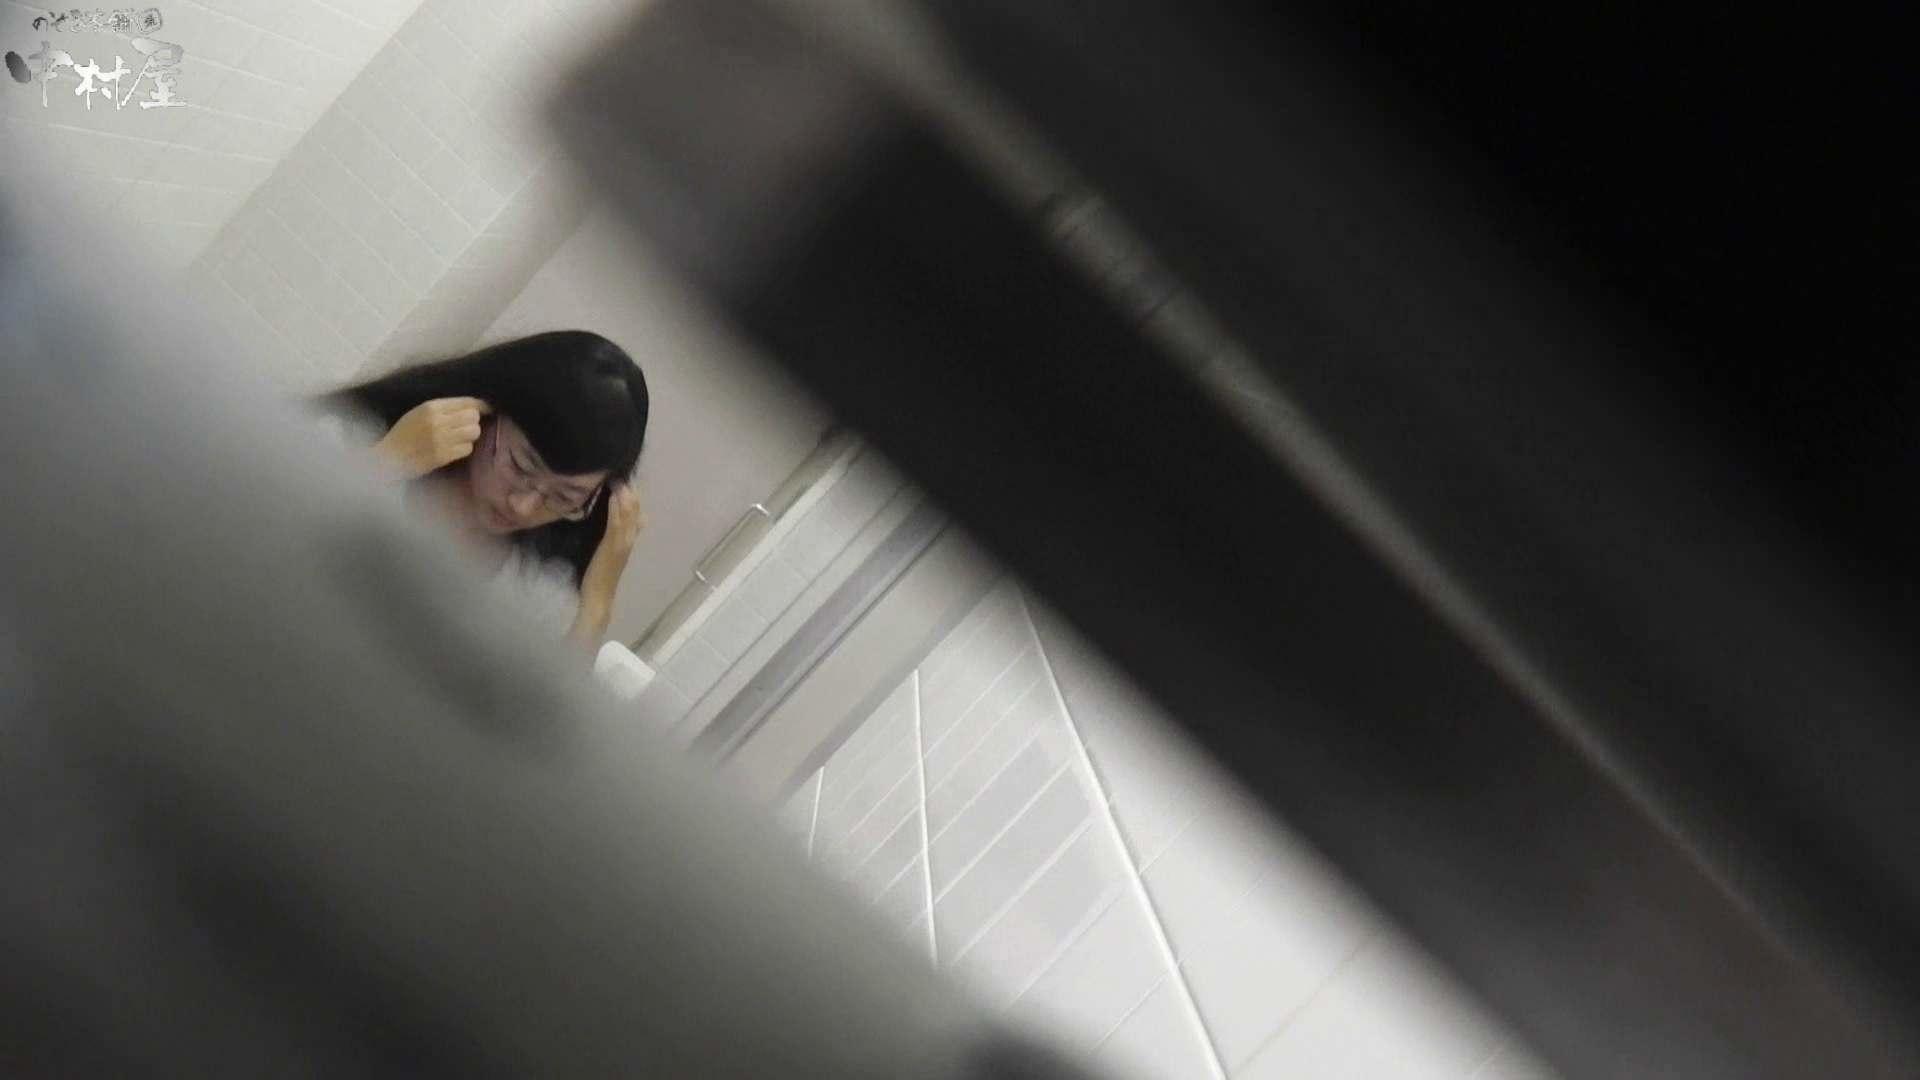 vol.07 命がけ潜伏洗面所! パンツの跡(ひも付き) プライベート エロ画像 76PIX 59